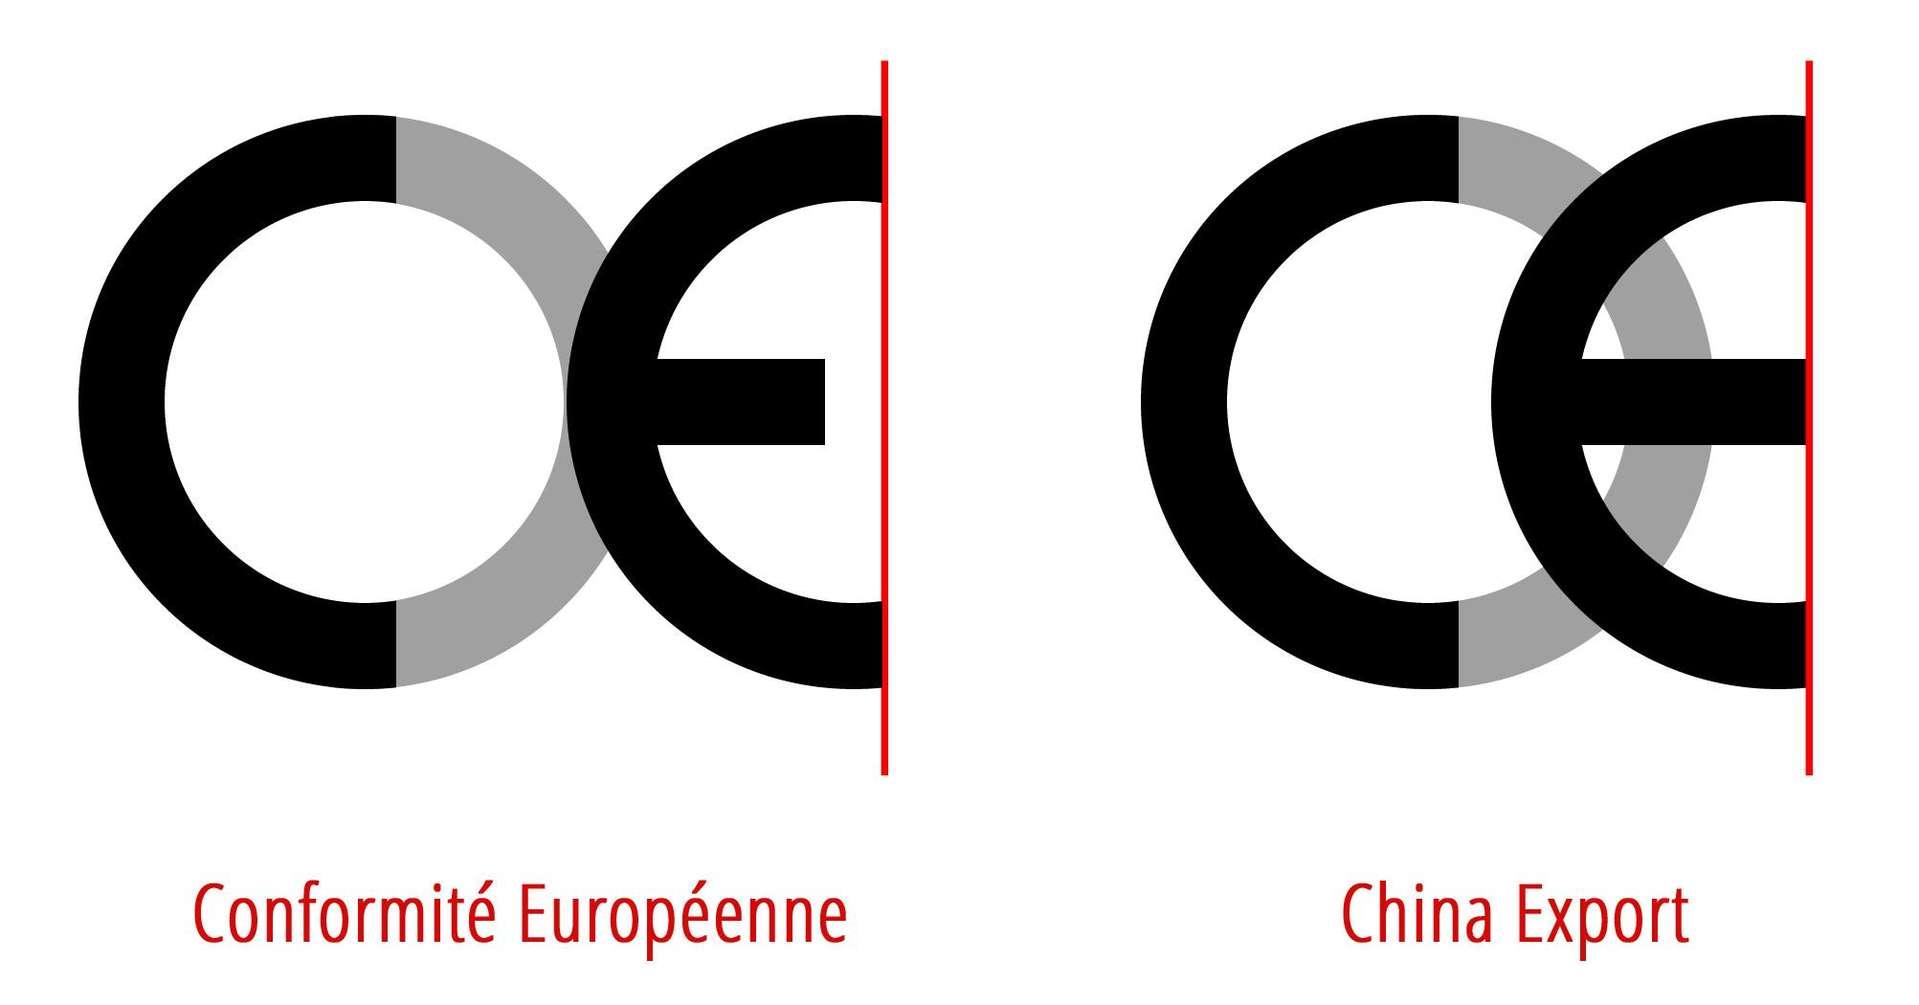 ce-vs-china-export.jpg